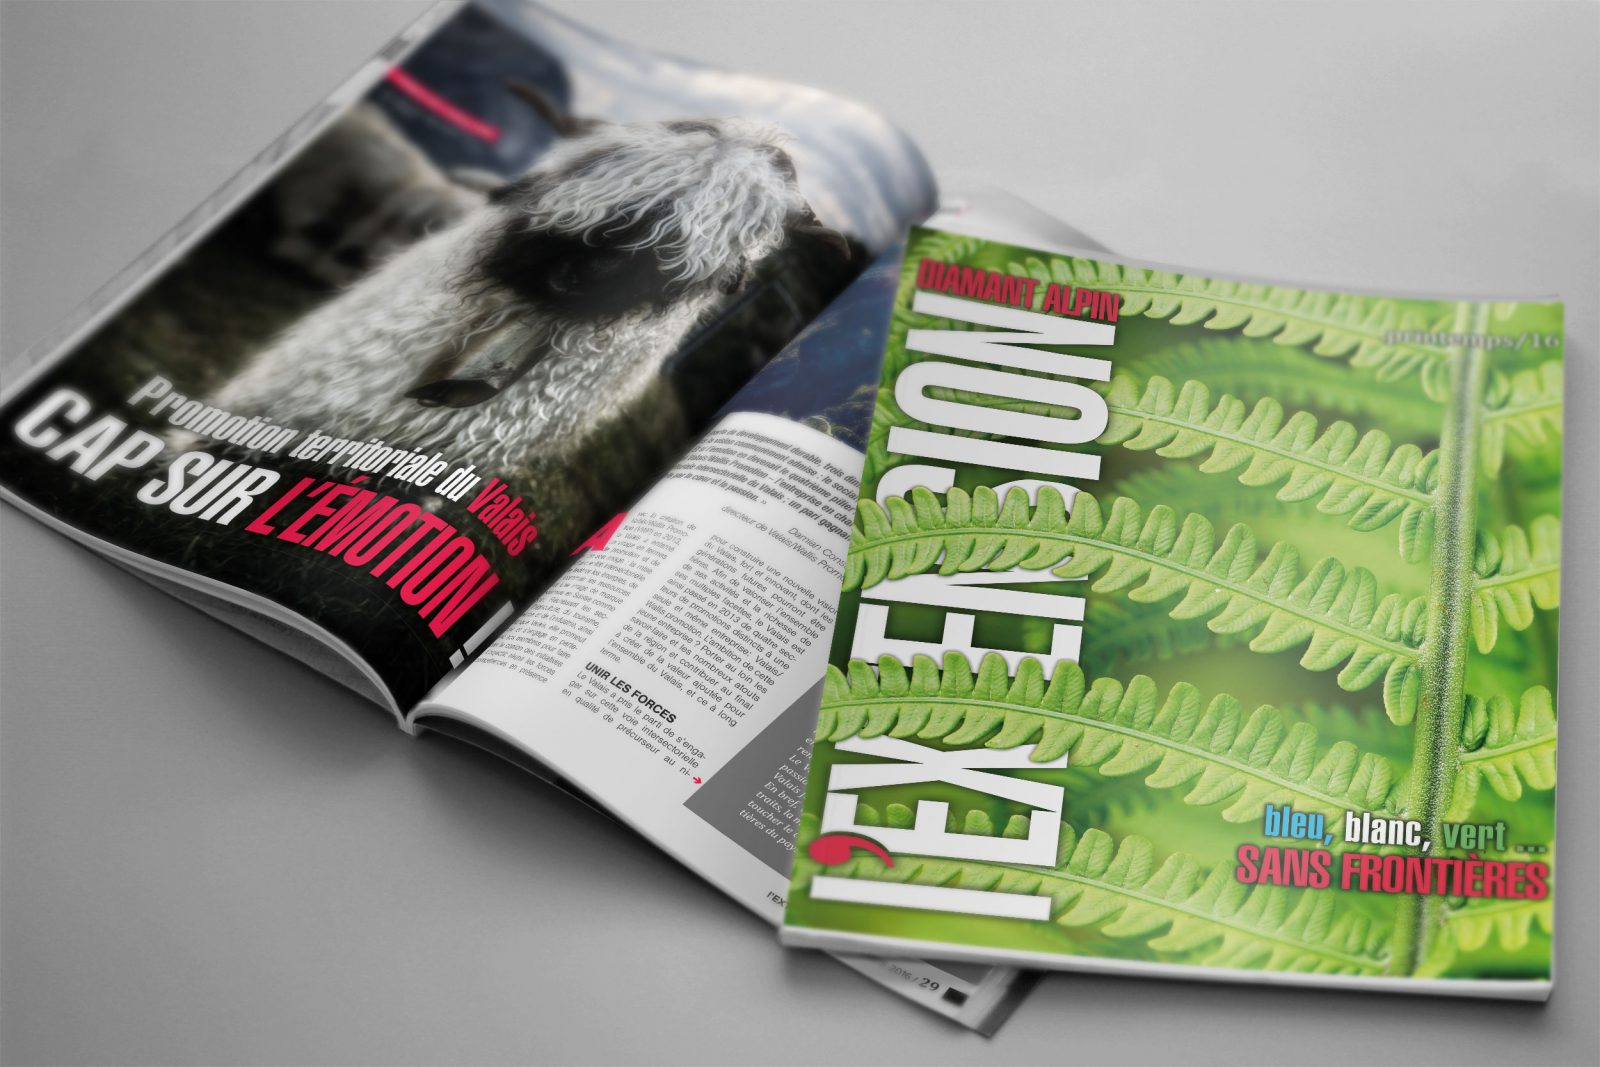 fredmuller-magazine-lextension-n55-printemps-2016-FEDRE-couv-valais-geneve-graphiste-freelance-web